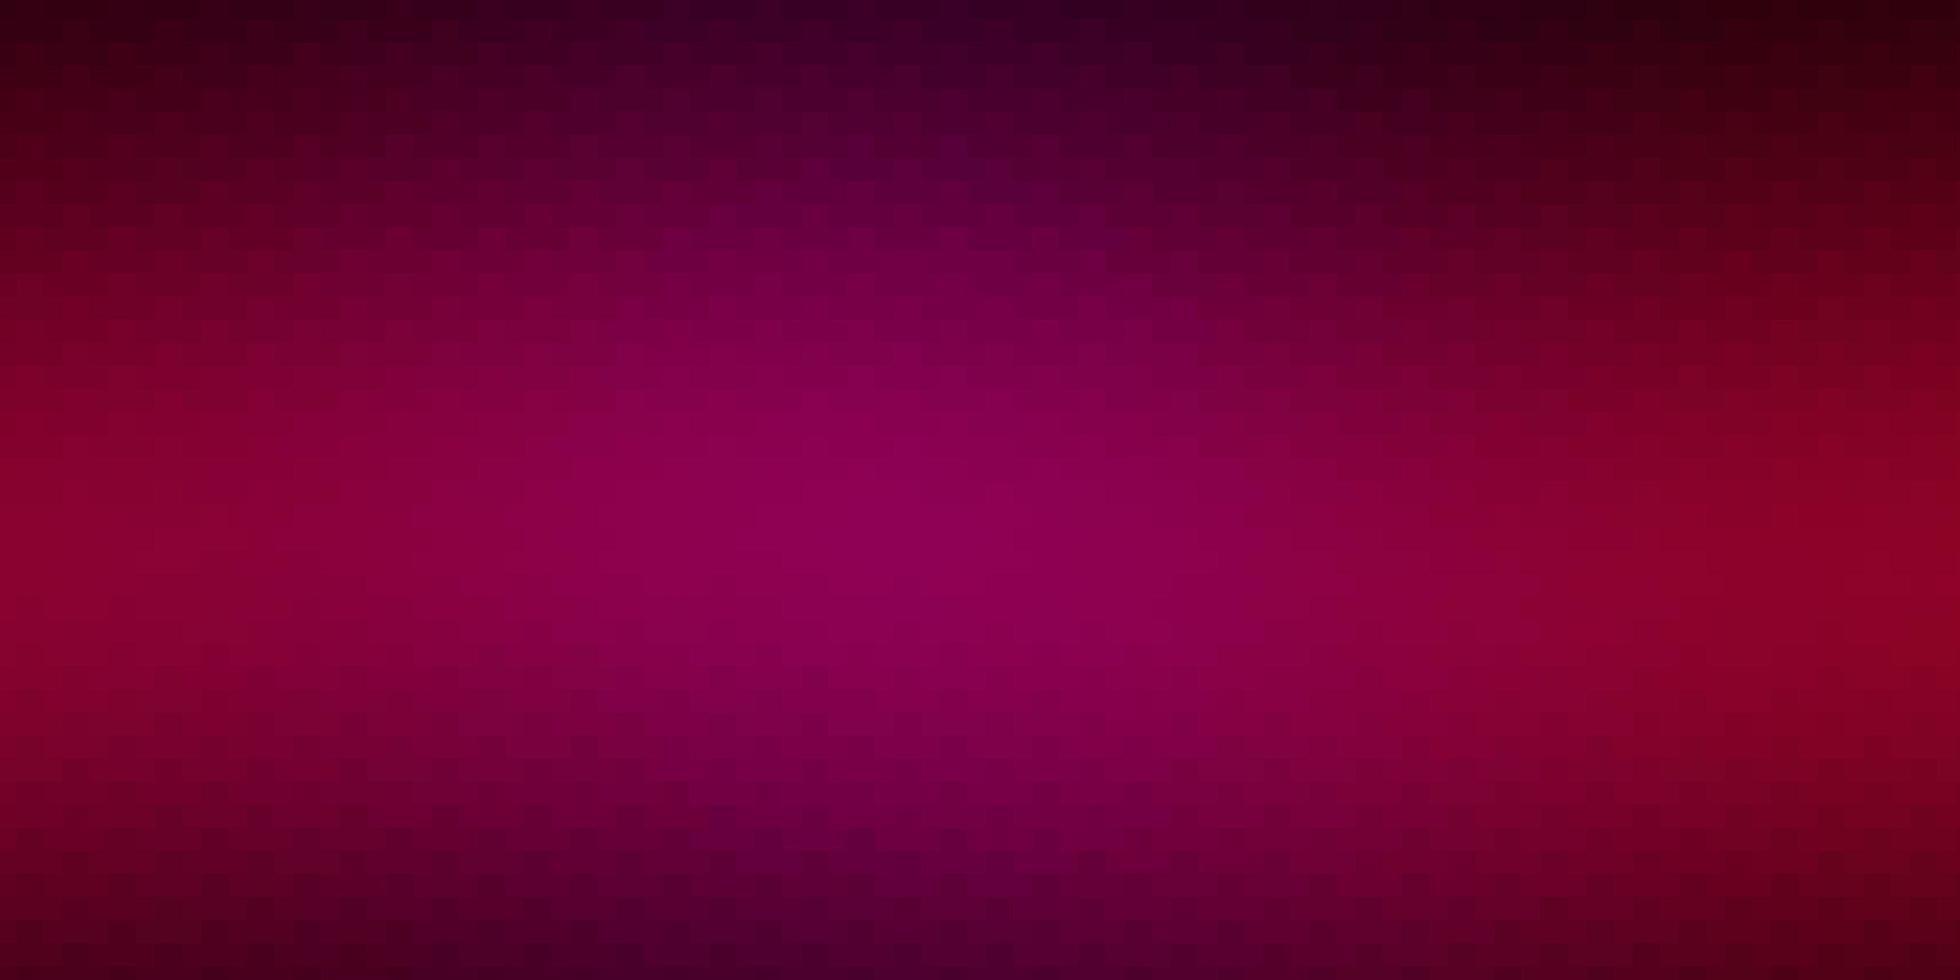 sfondo vettoriale rosa scuro con rettangoli.